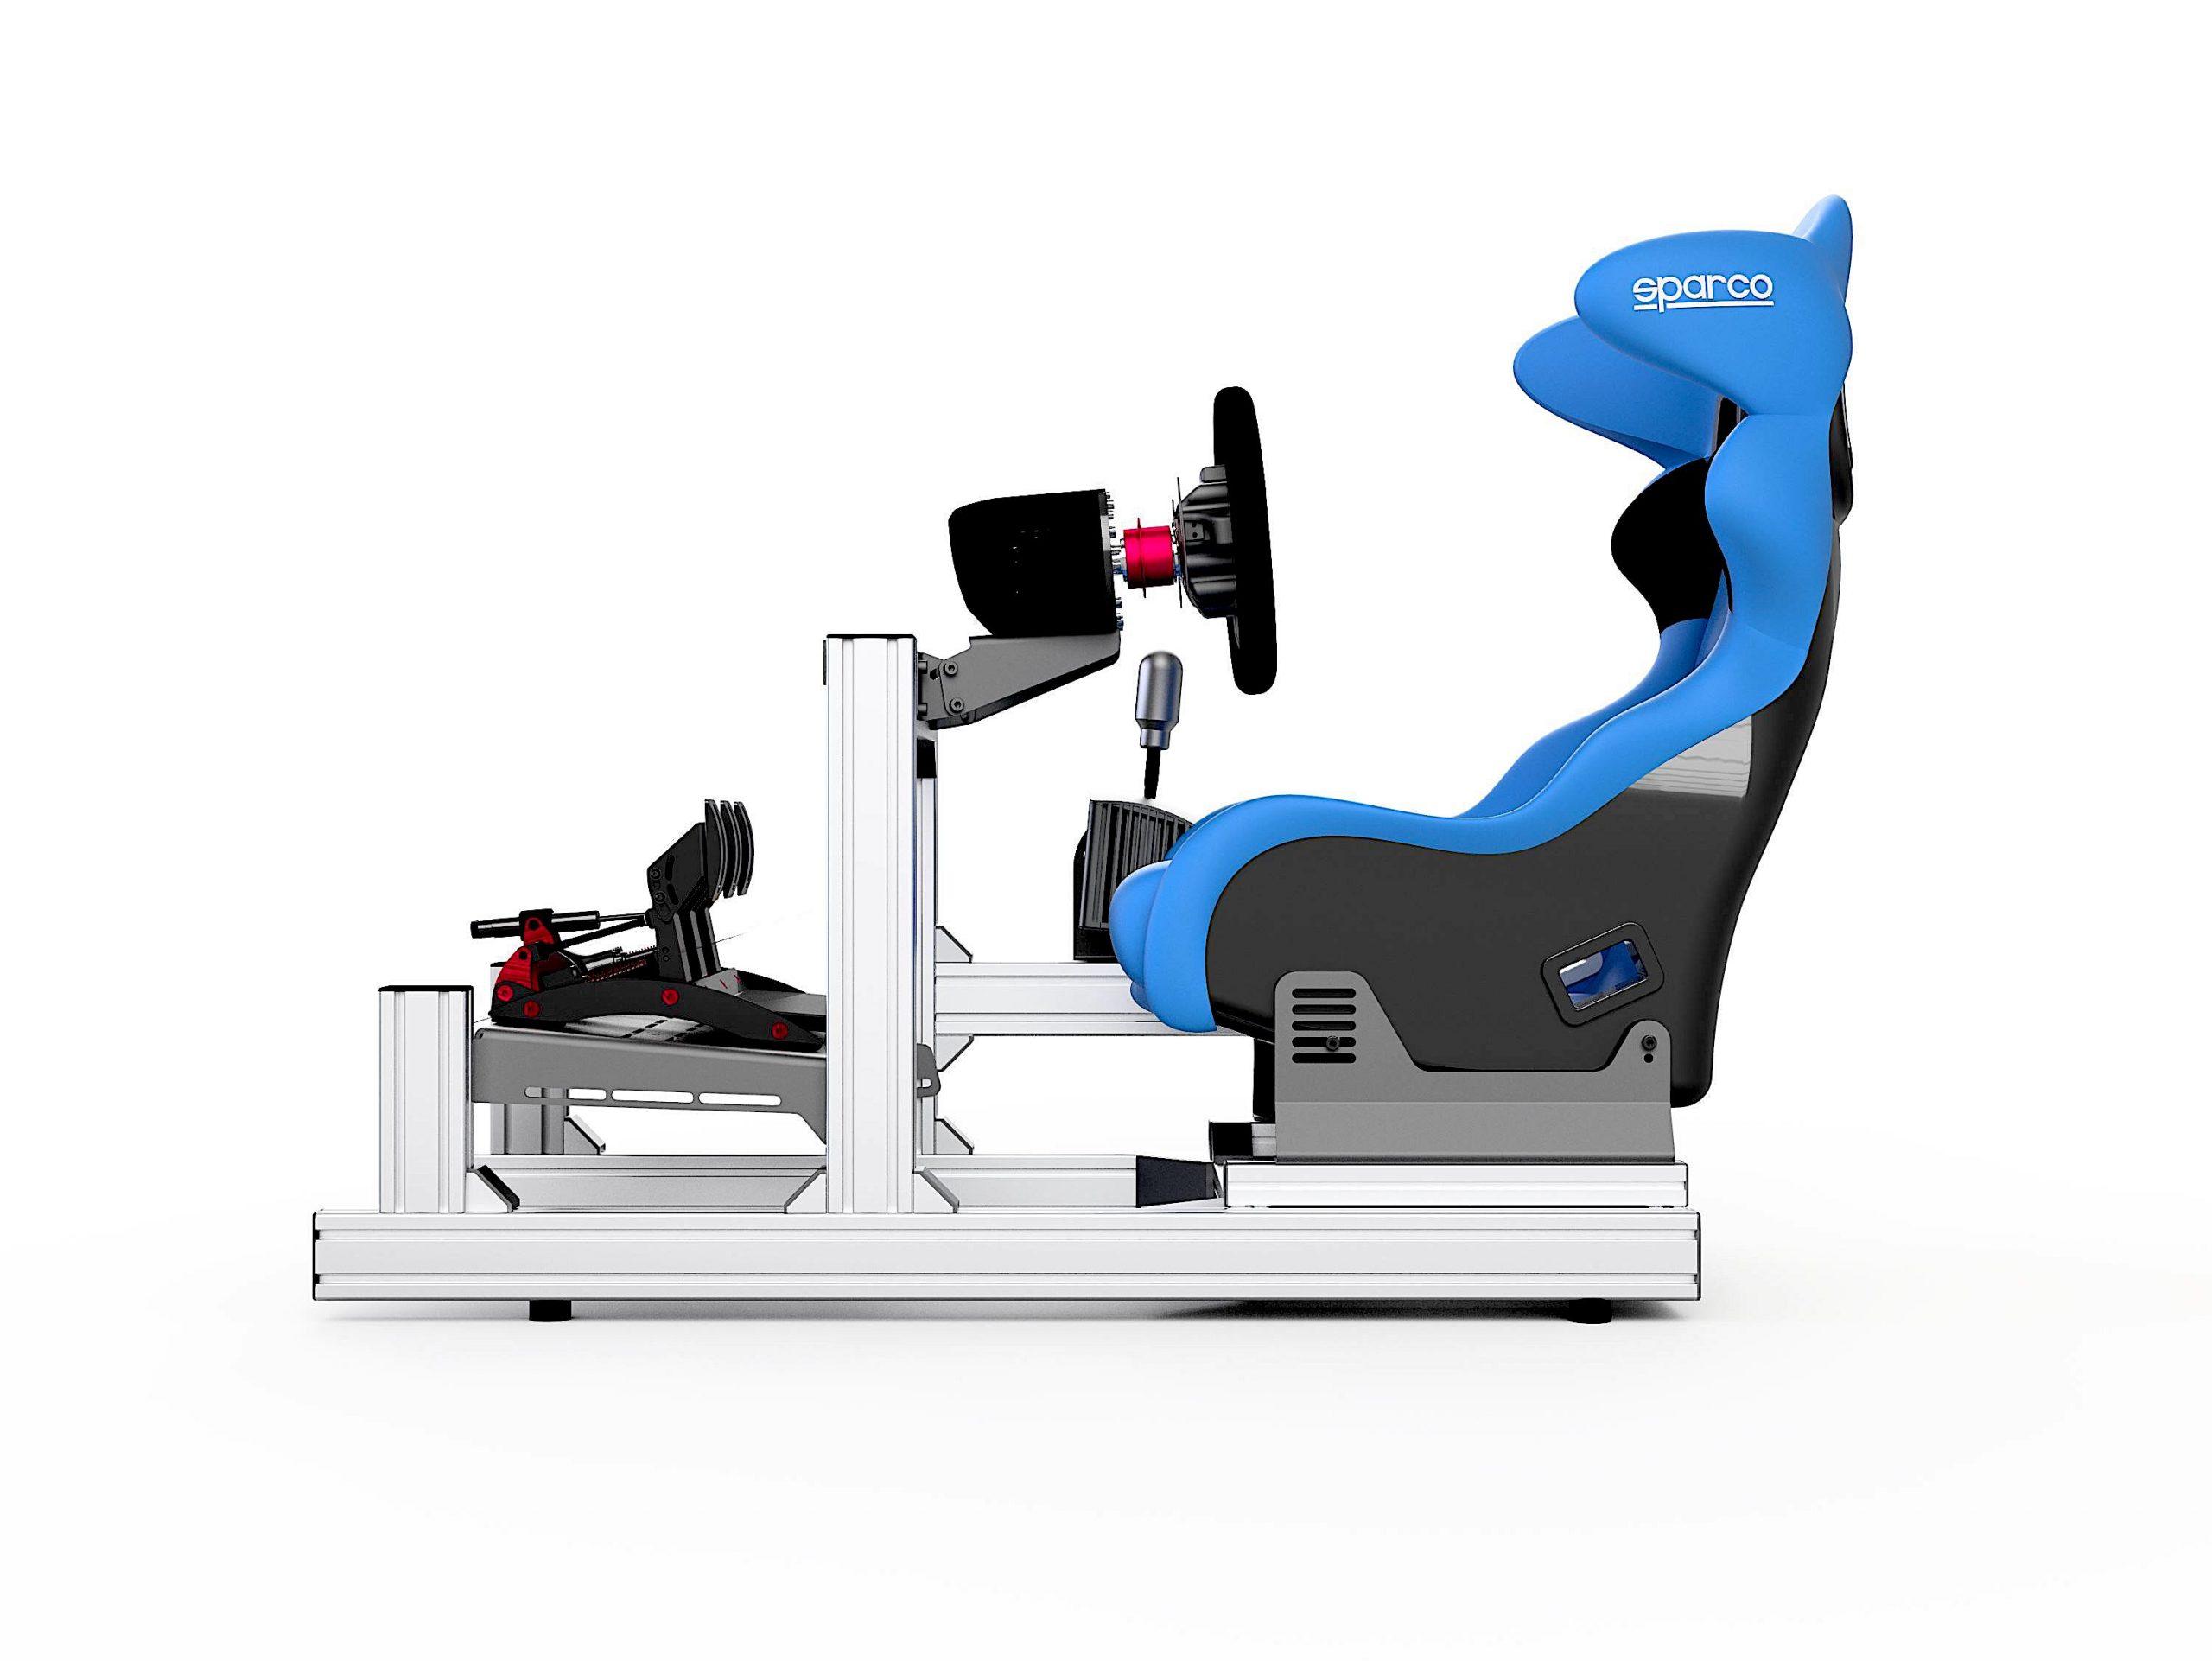 shop.gperformance.eu - Sim-Lab GT1 Evo Chassis full simulator iso view 2